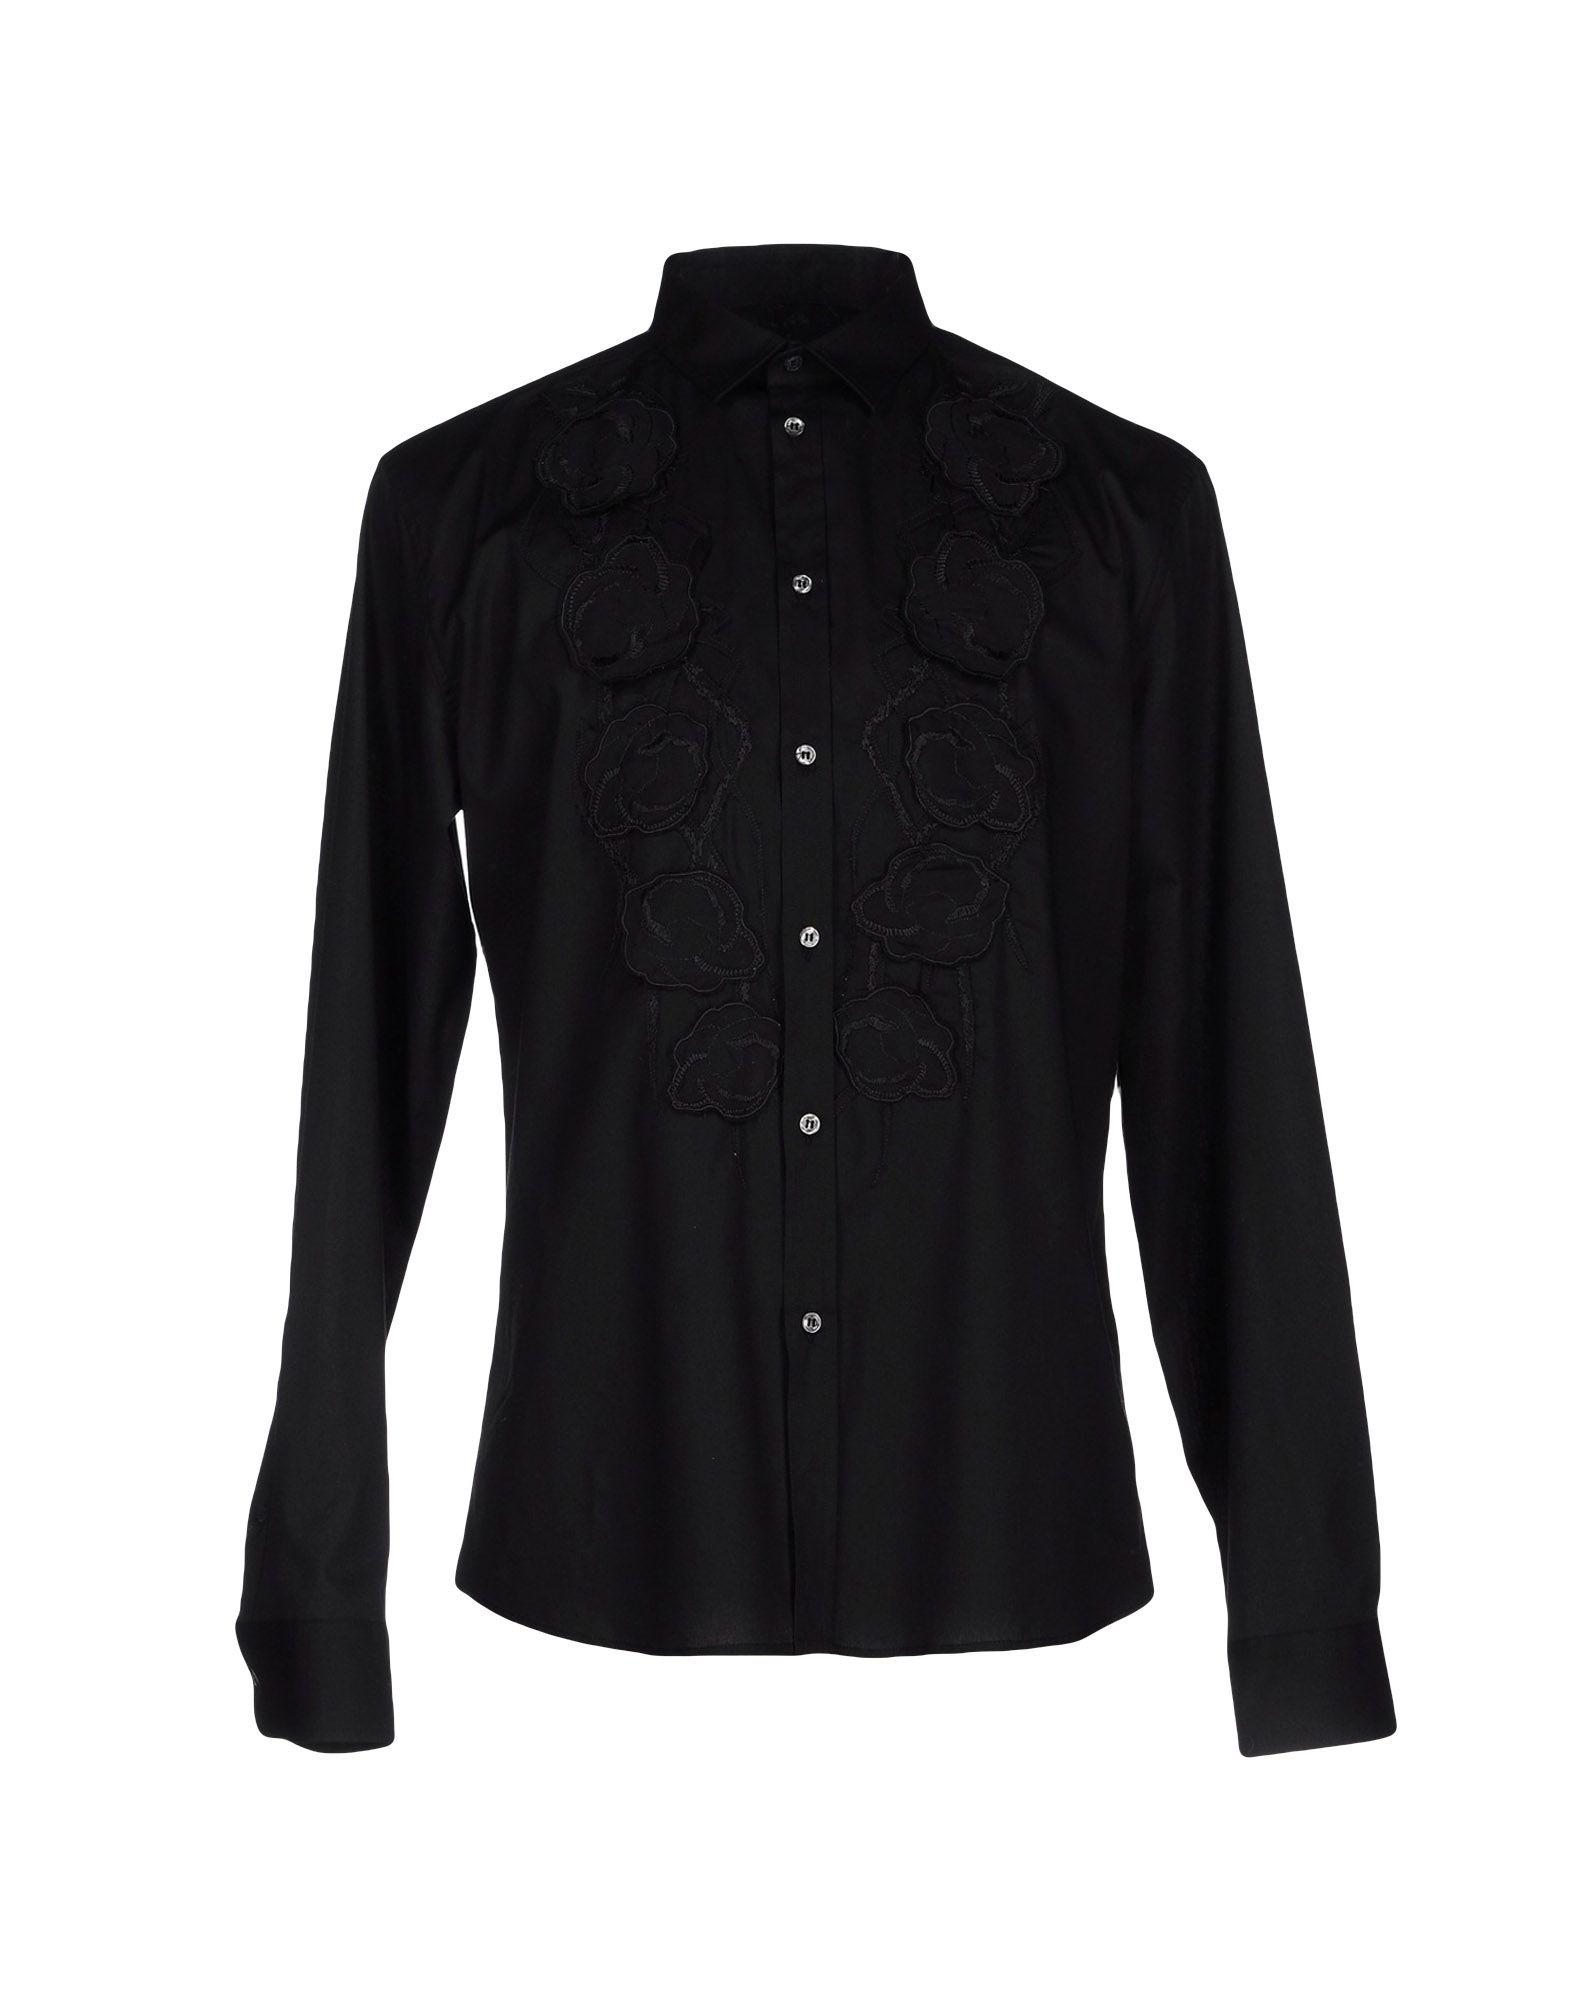 RICHMOND X Pубашка